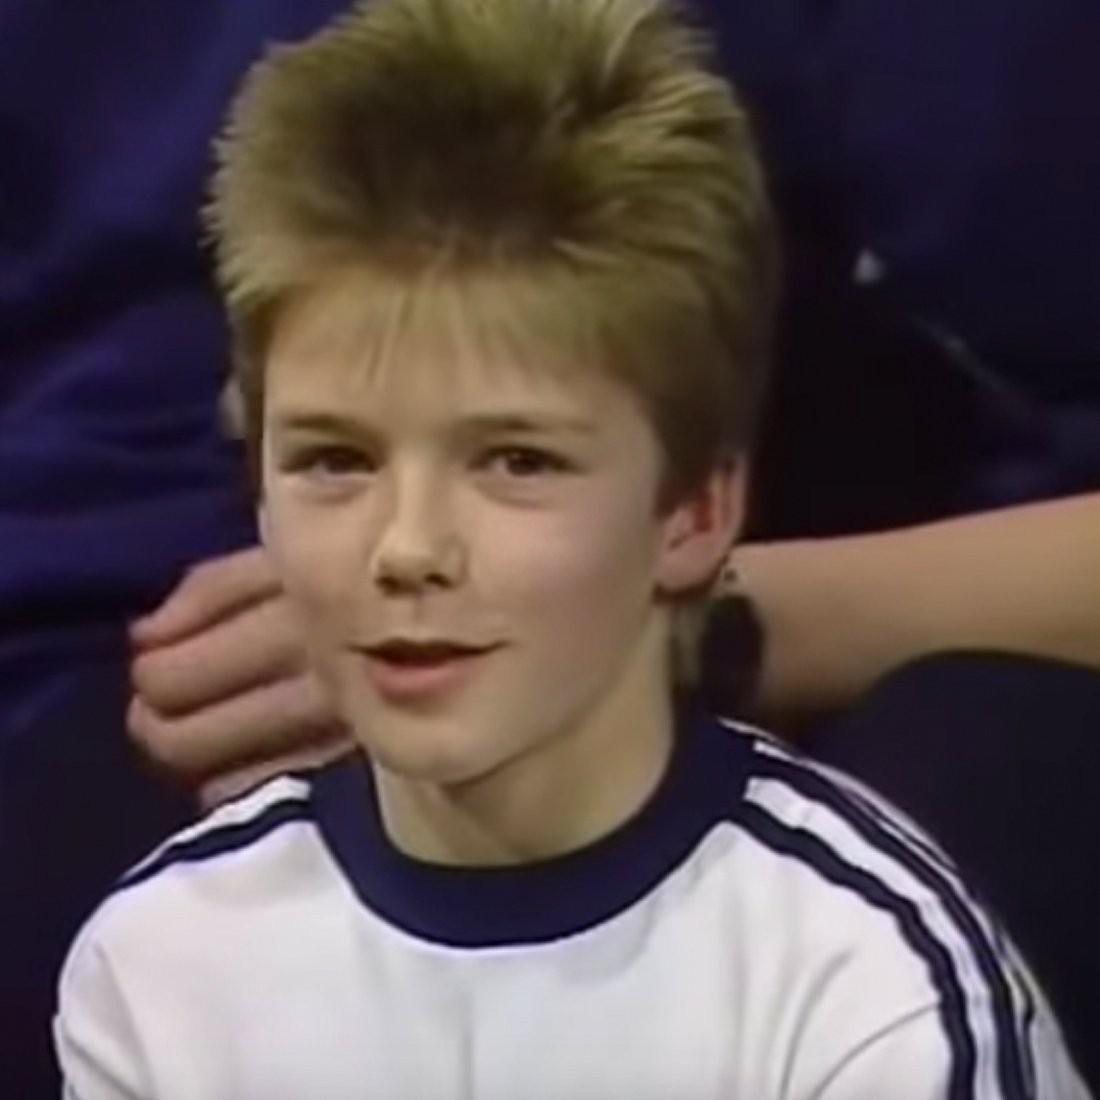 Vừa đẹp trai giống bố, Cruz Beckham vừa có giọng hát ngọt ngào như Justin Bieber - Ảnh 4.